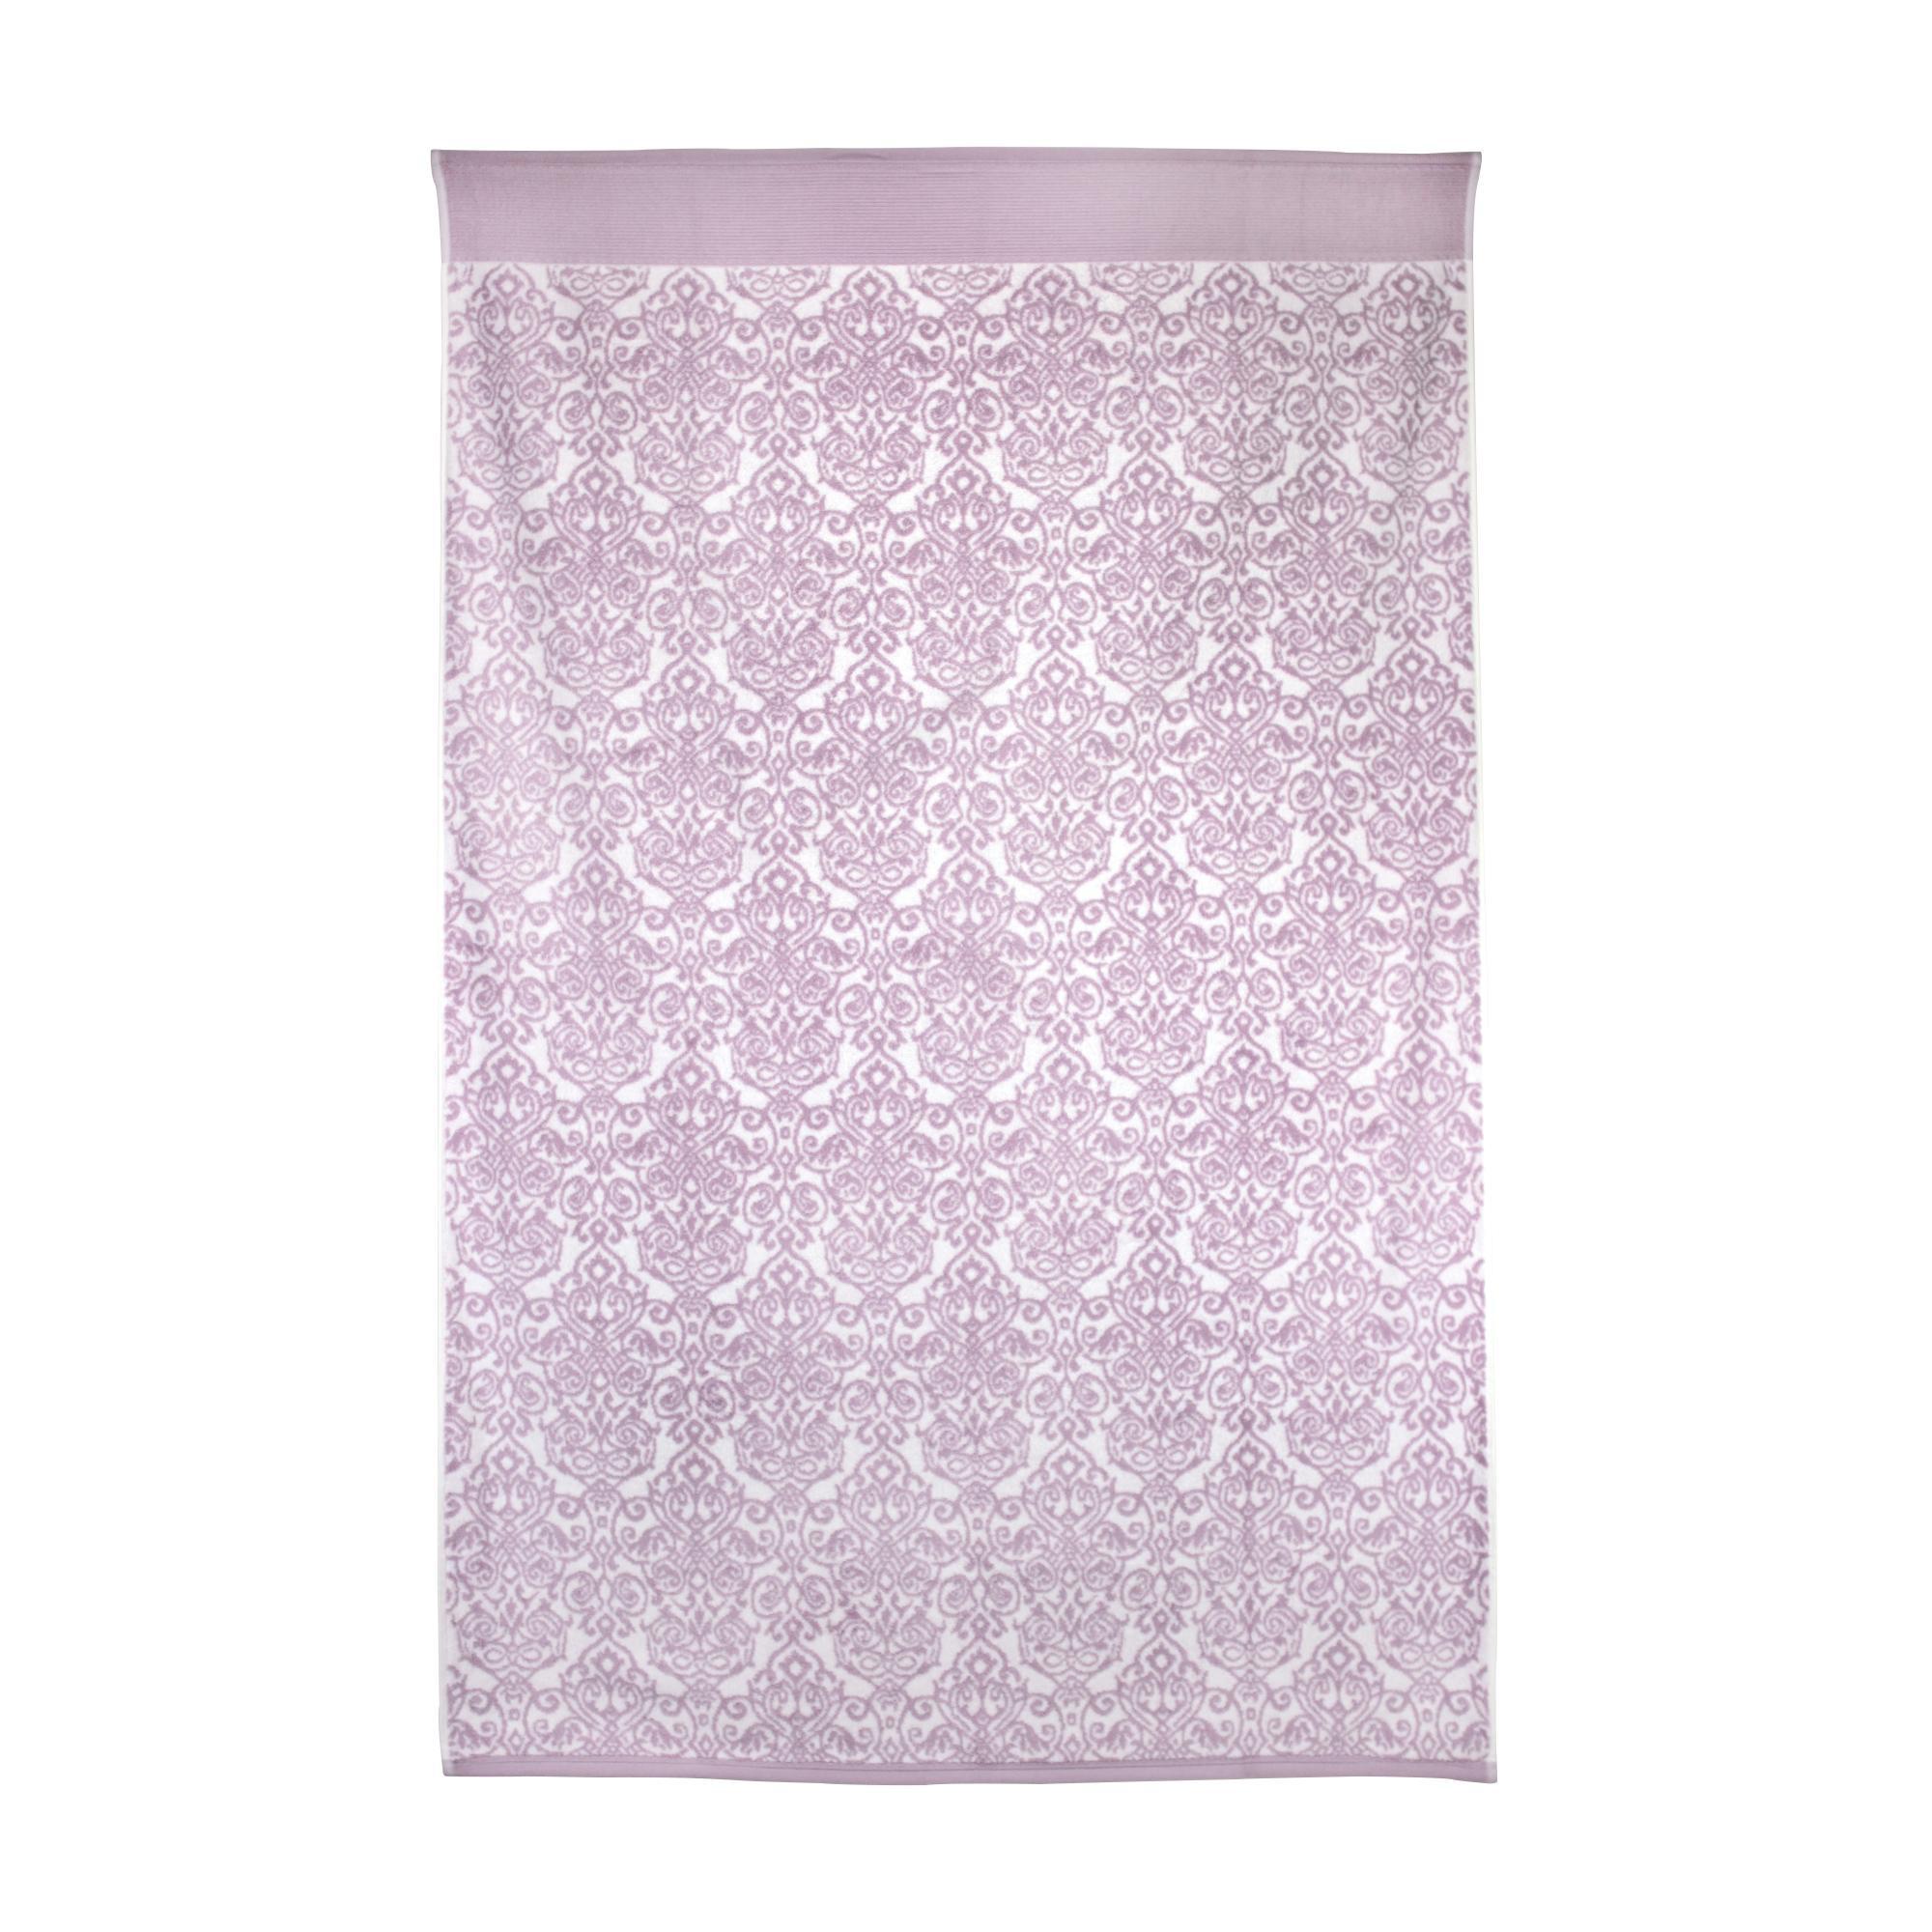 drap de bain 100x150 cm coton bolero floral rose linnea linge de maison et. Black Bedroom Furniture Sets. Home Design Ideas